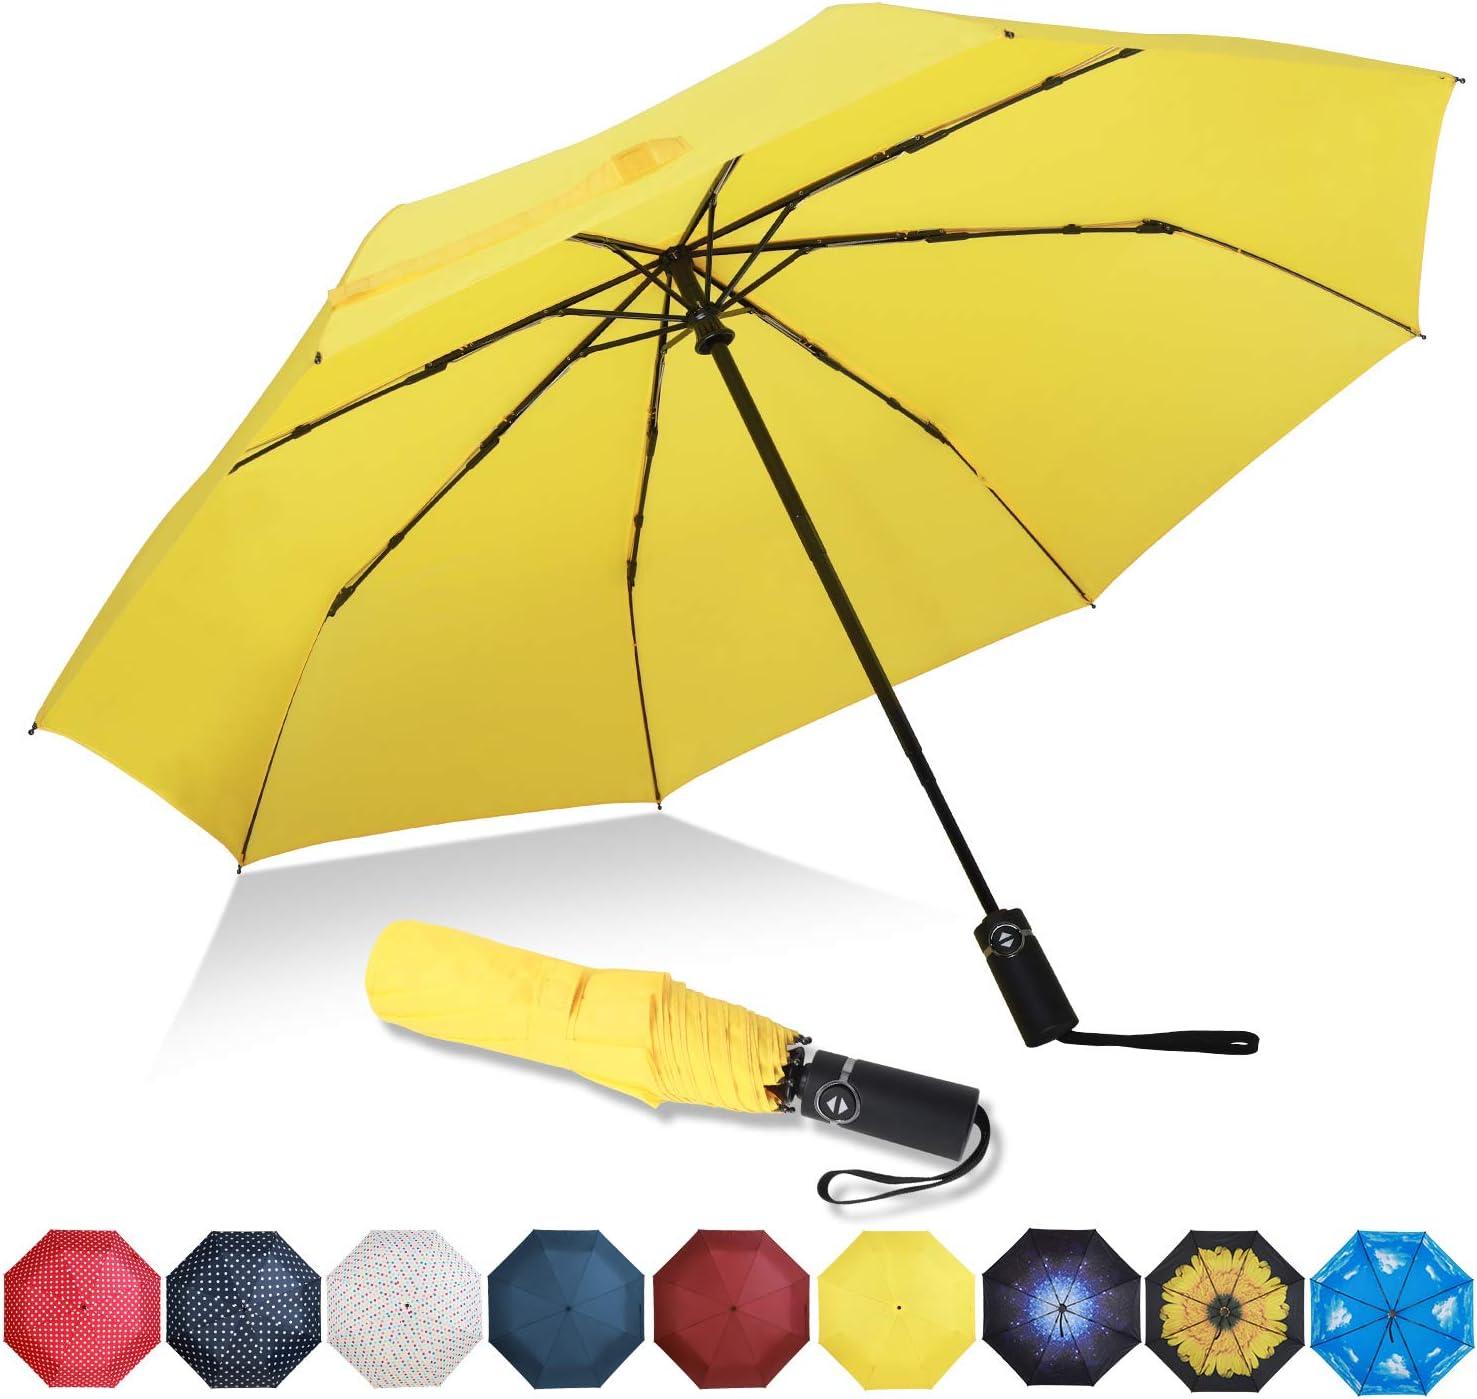 Eono by Amazon - Paraguas Plegable Automático Impermeable, Paraguas de Viaje Compacto a Prueba de Viento, Folding Umbrella, Recubrimiento de Teflón, Dosel Reforzado, Mango Ergonómico, Amarillo